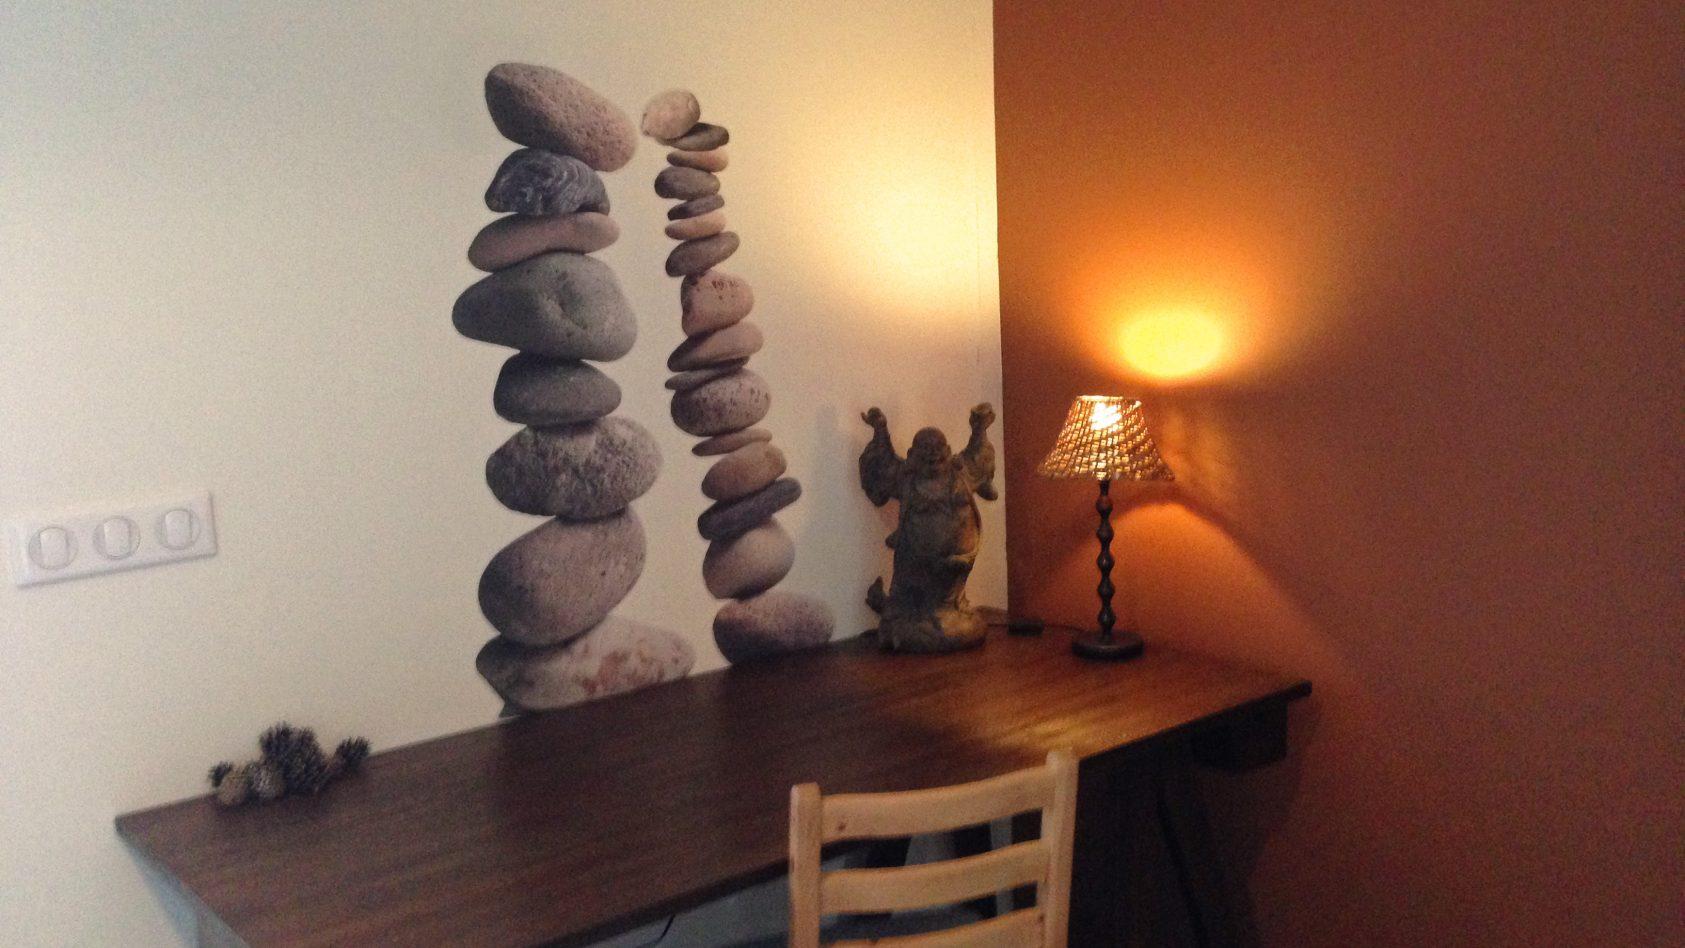 IMG_2416-Bungalot-desk-music-bureau-buddha-stones-WEB